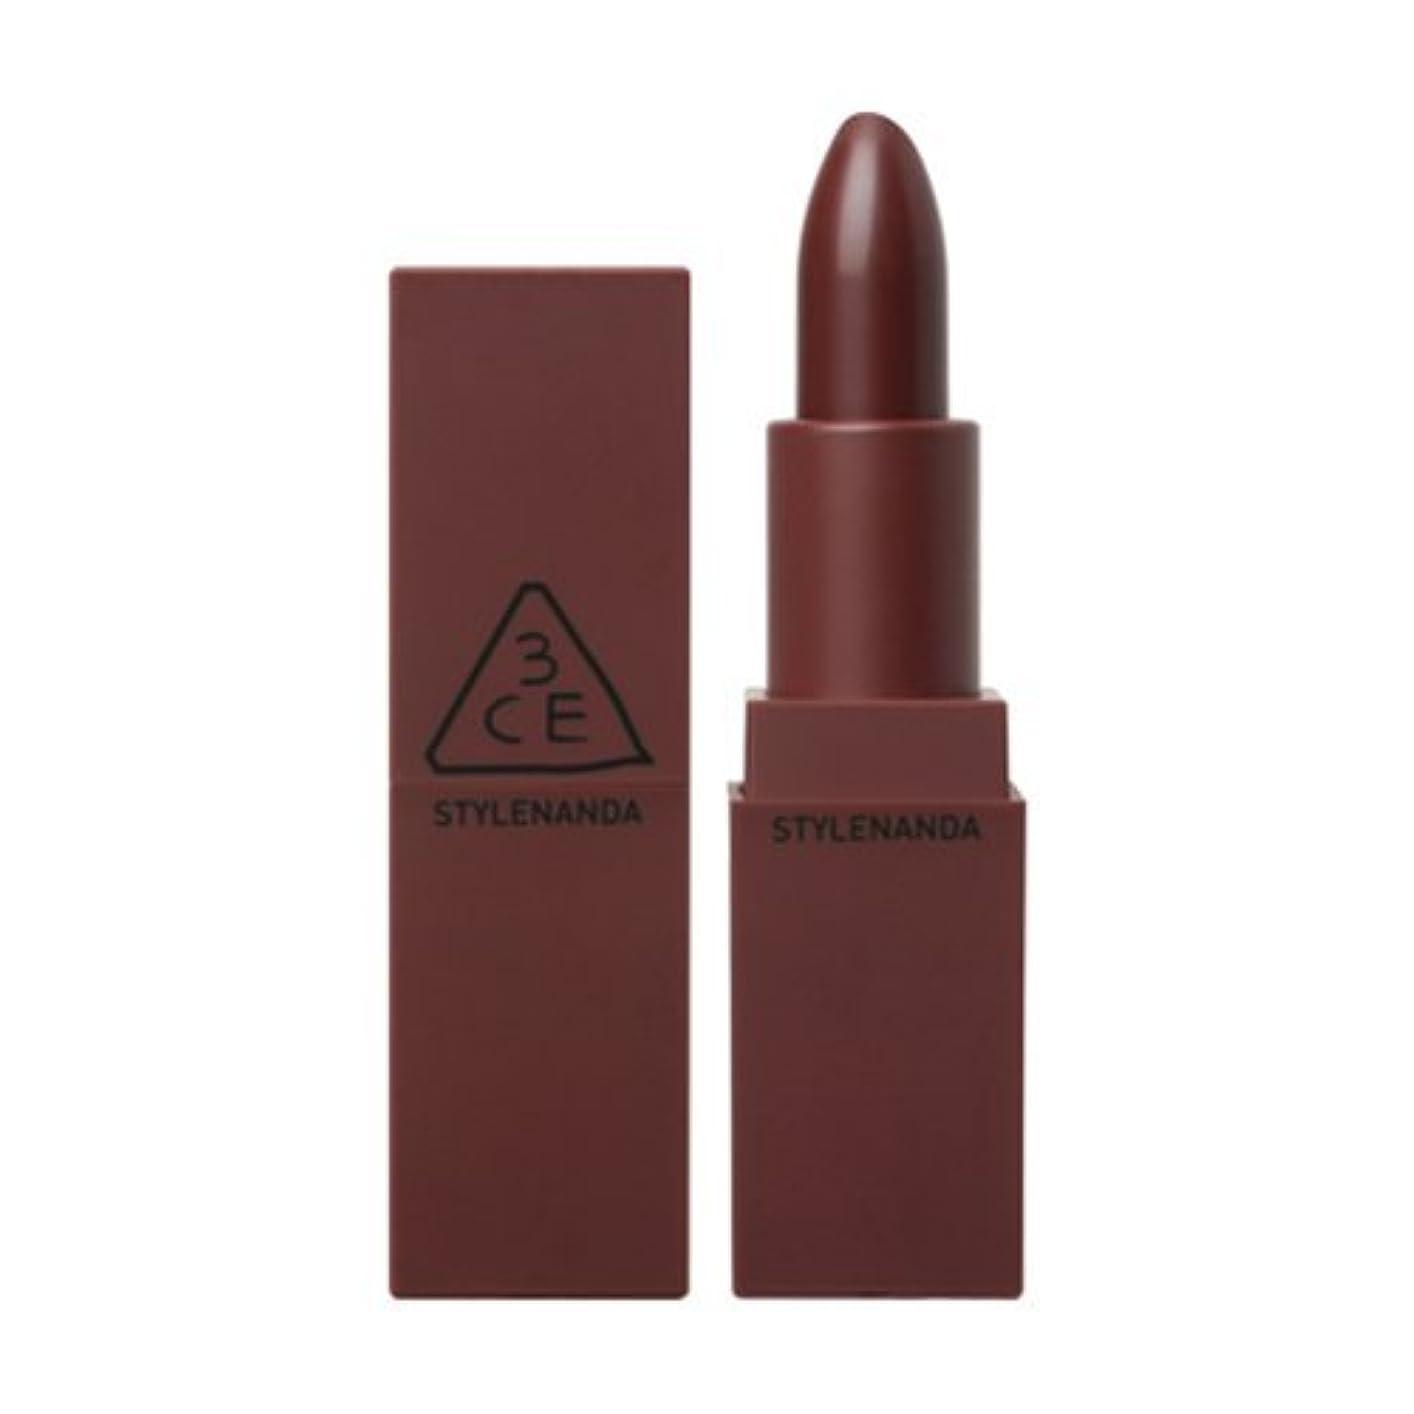 バイナリスチュワーデス思慮深いSTYLE NANDA 3CE MOOD RECIPE マットリップ リップスティック カラー#117 Chicful 3.5g / STYLE NANDA 3CE MOOD RECIPE MATTE LIP Lipstick...